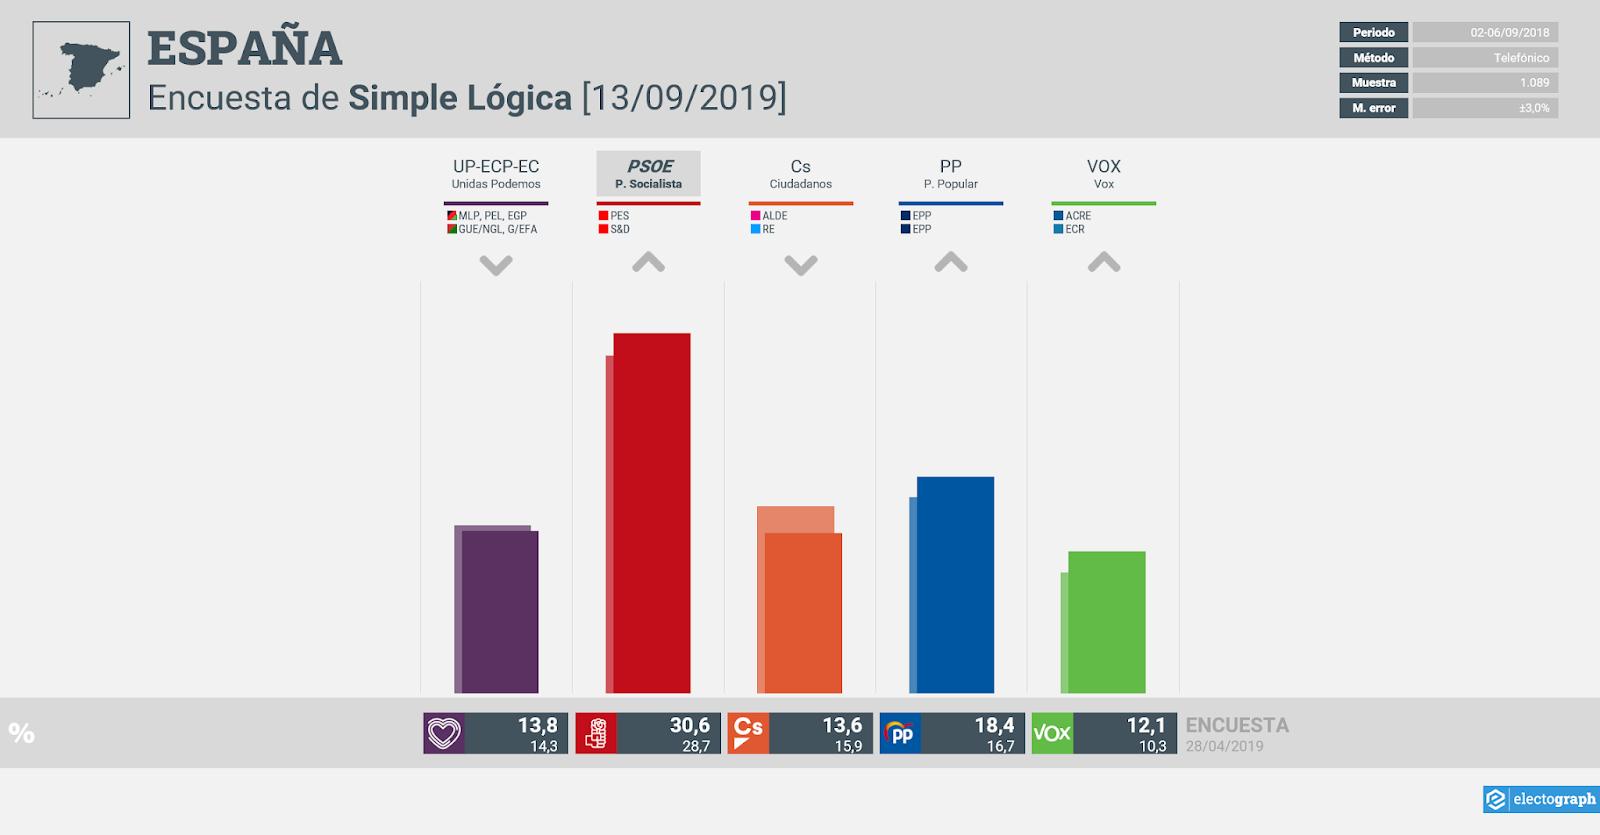 Gráfico de la encuesta para elecciones generales en España realizada por Simple Lógica, 13 de septiembre de 2019